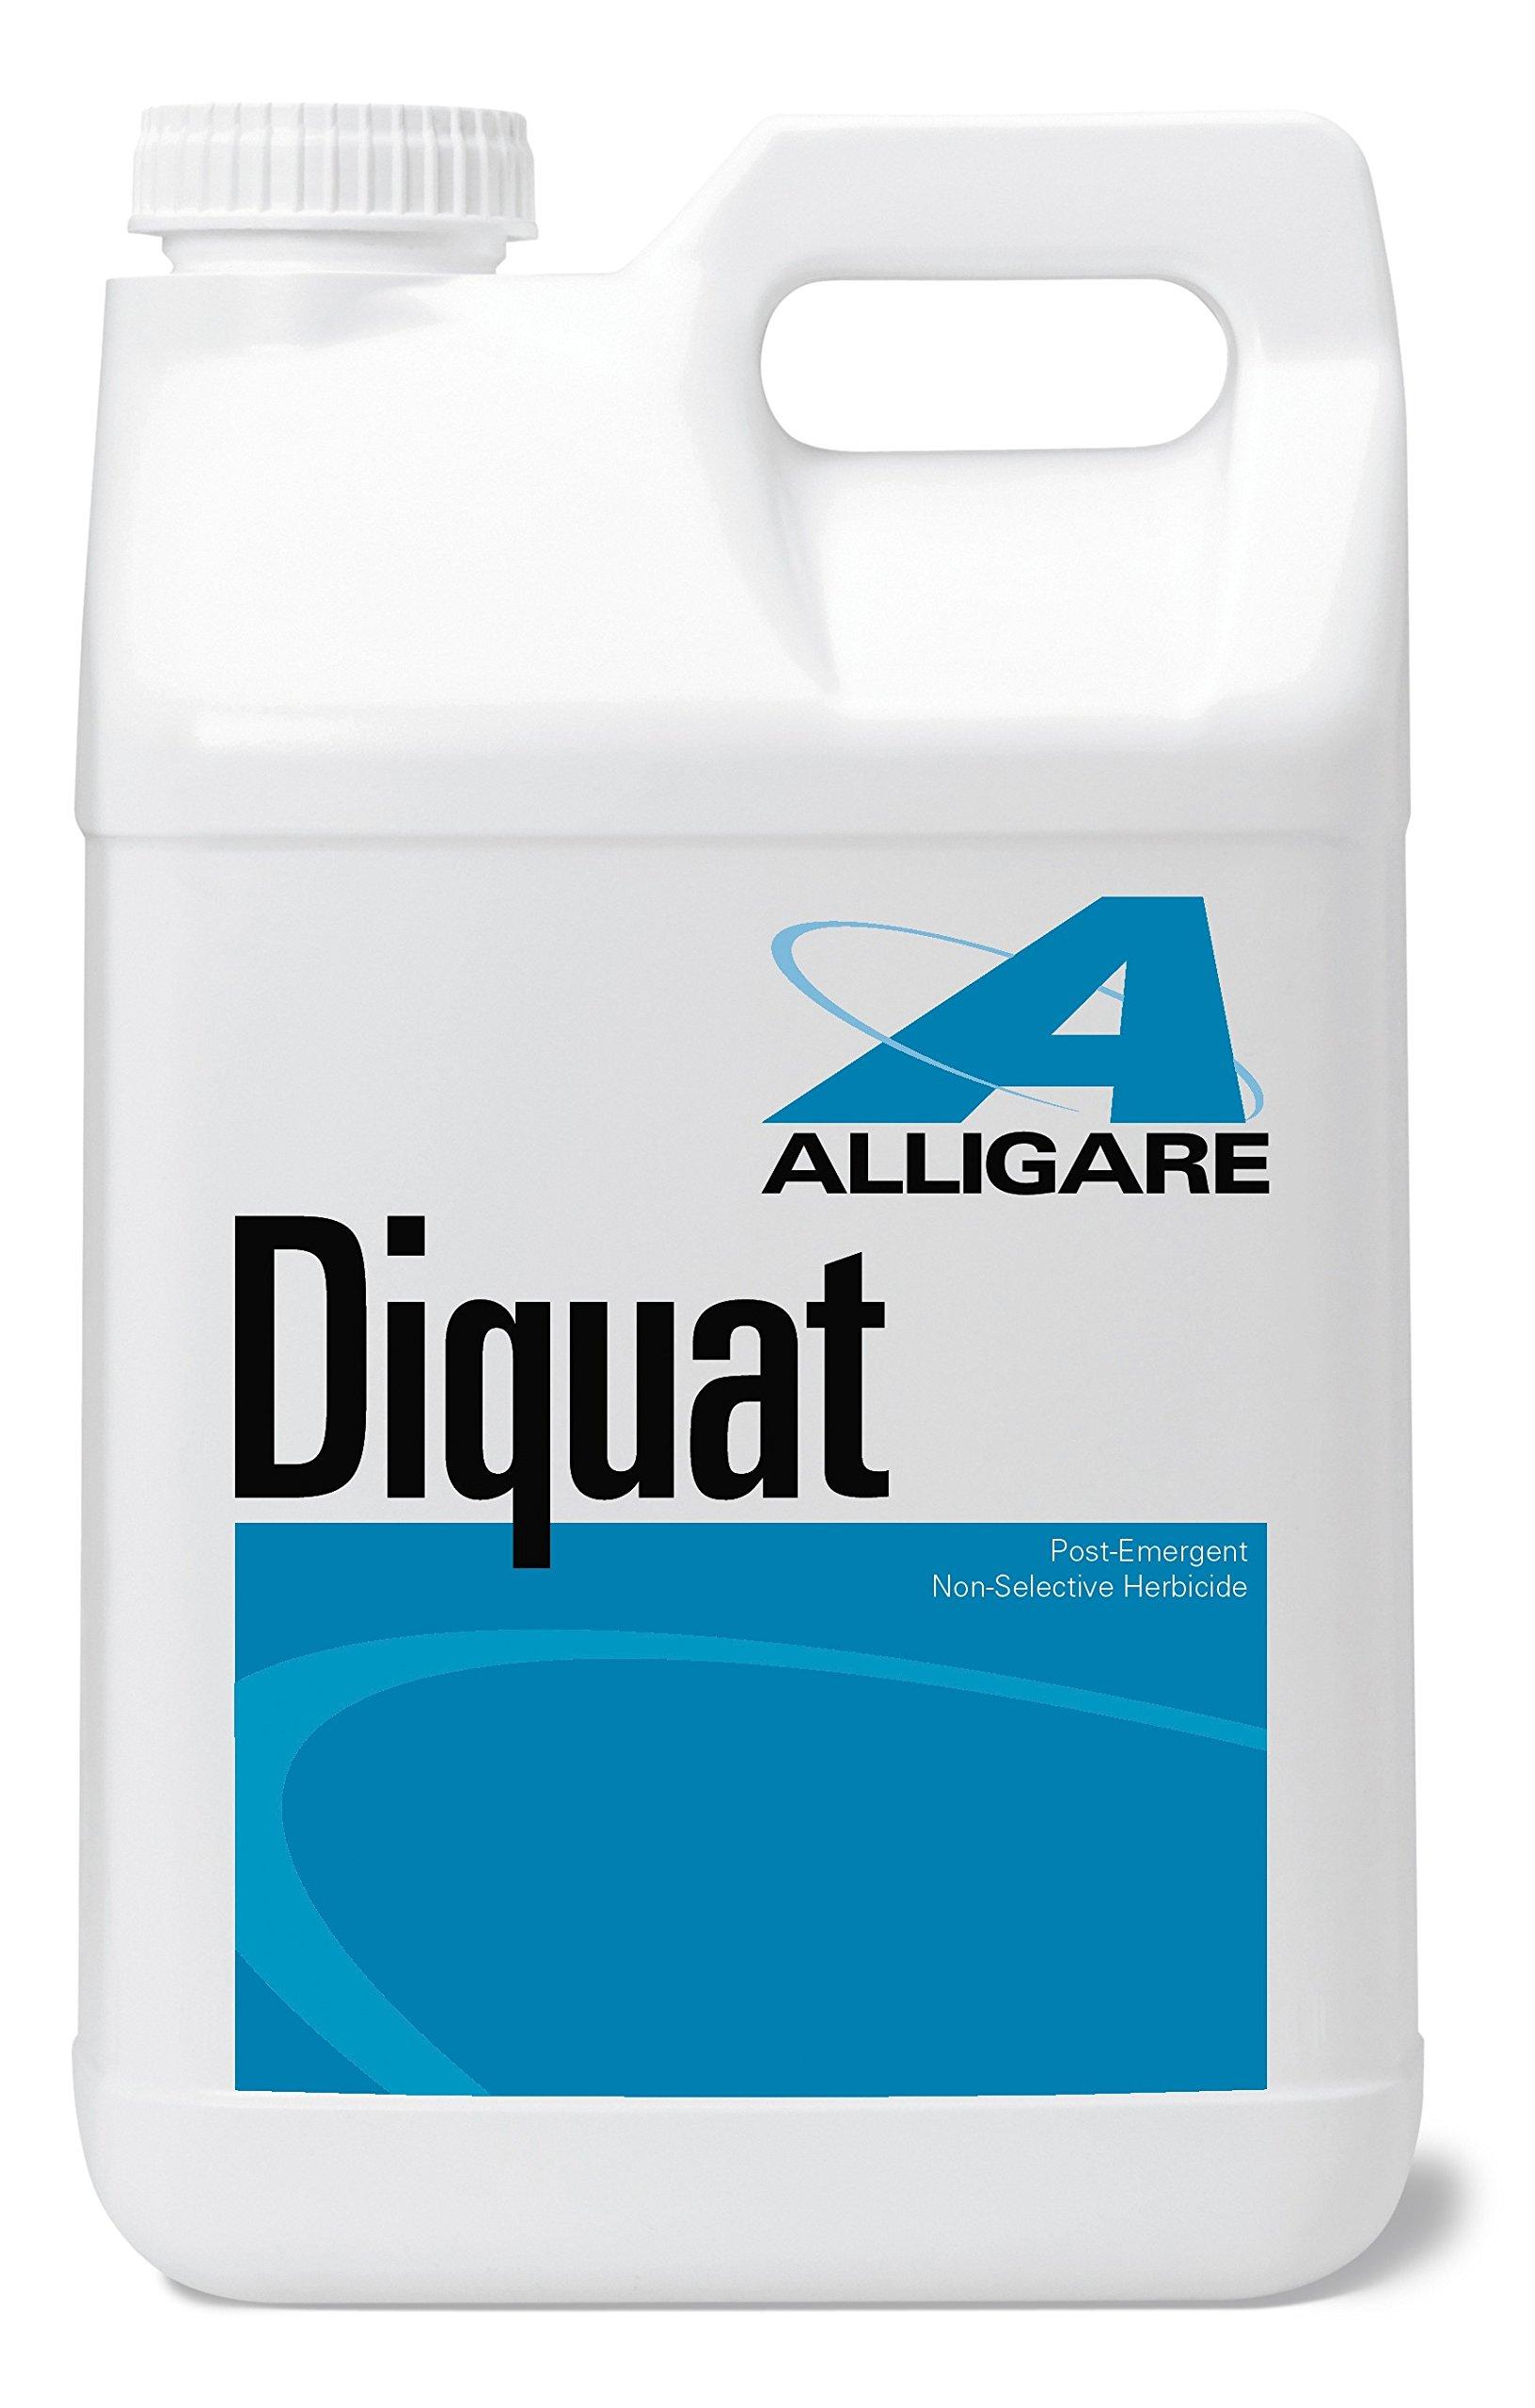 Diquat E-PRO Aquatic Herbicide Equivalent to Reward-1 Gallon